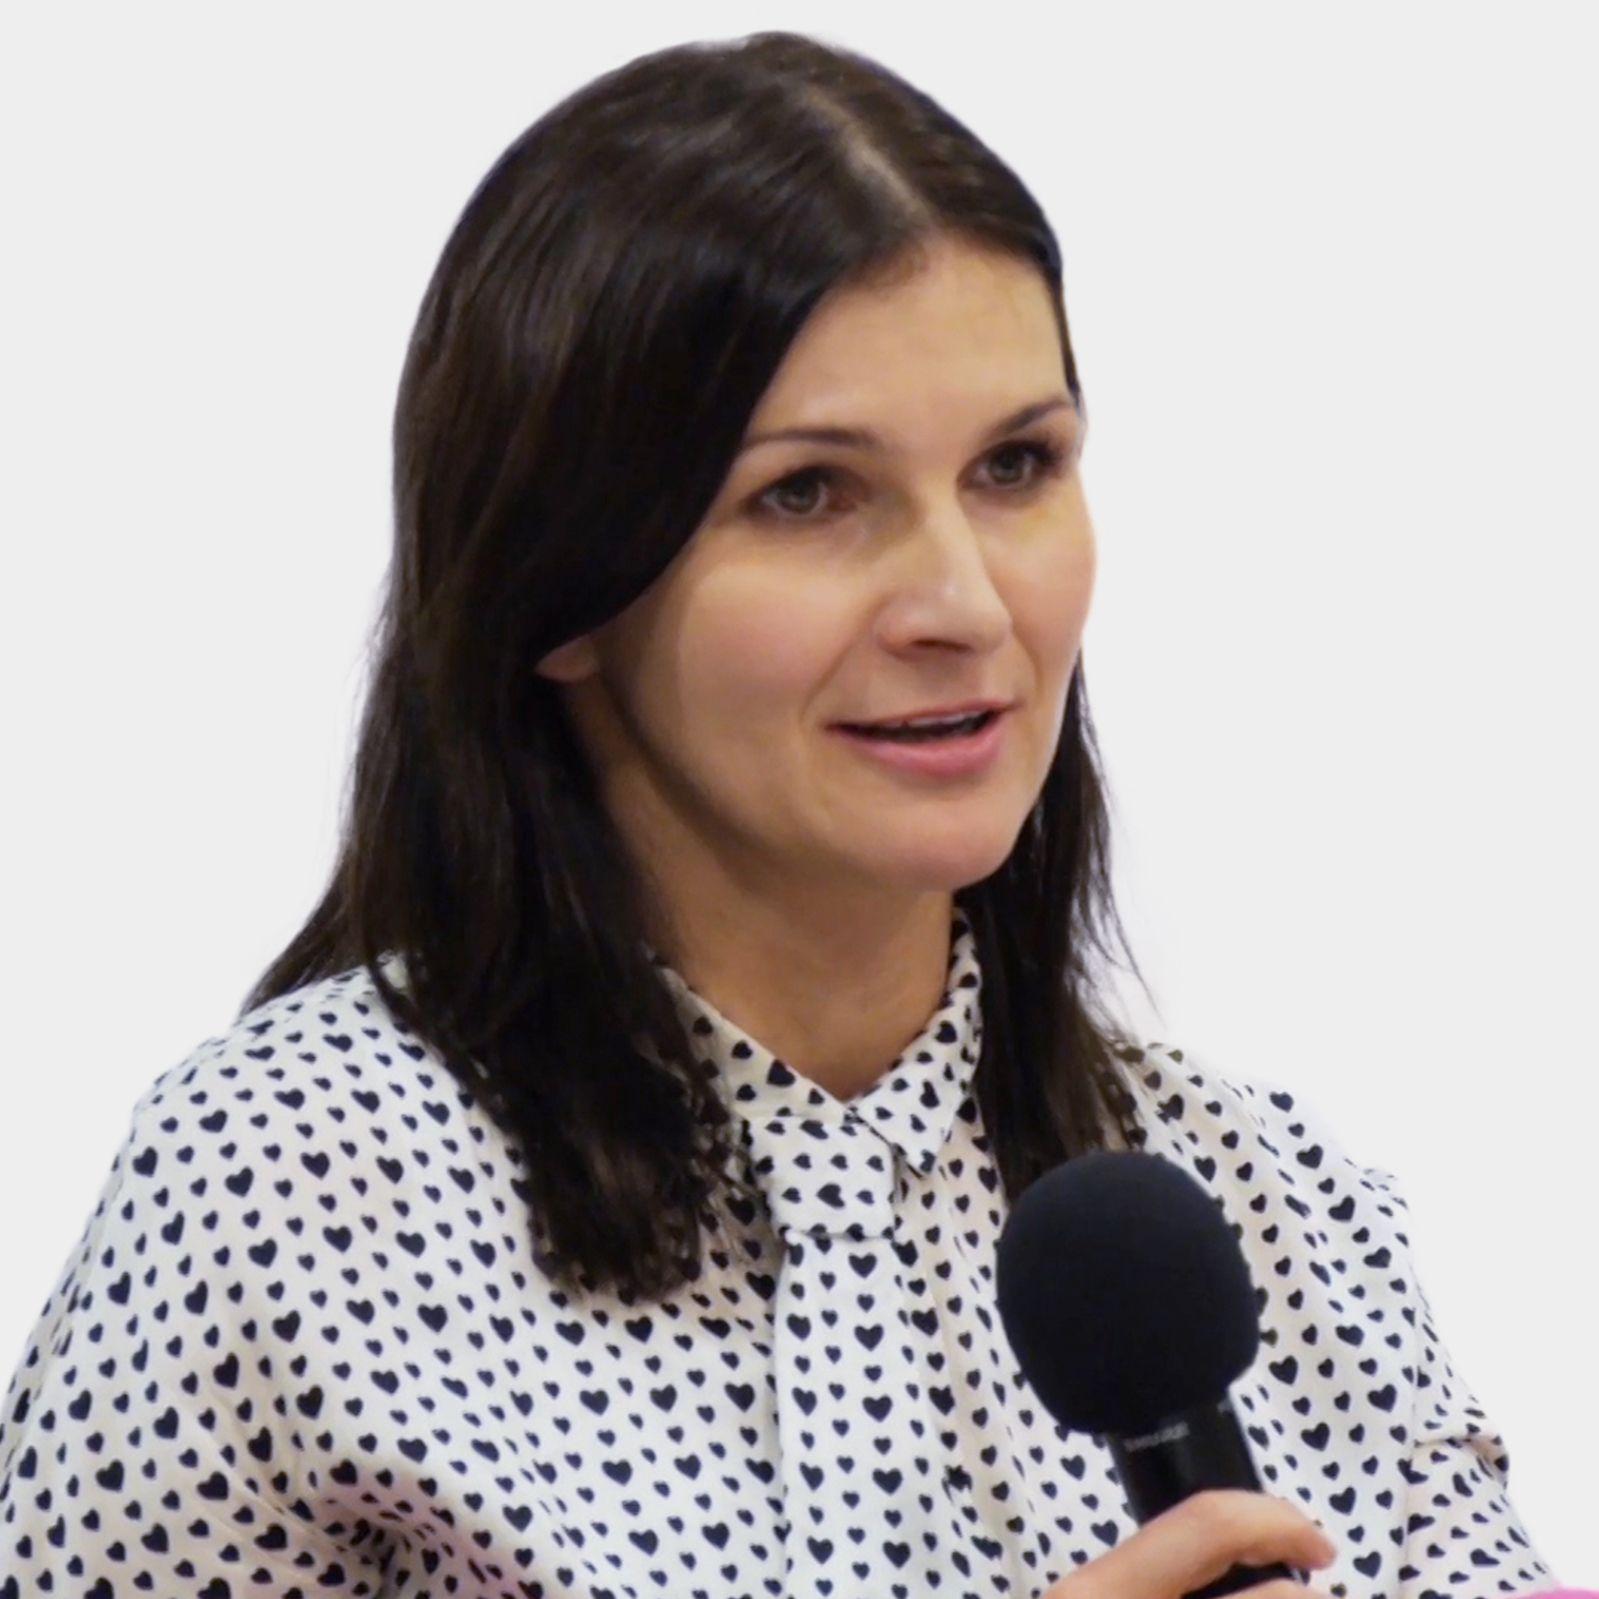 Miłość – komunikacja, schematy i oczekiwania w związku – dr Katarzyna Waszyńska i Joanna Gutral